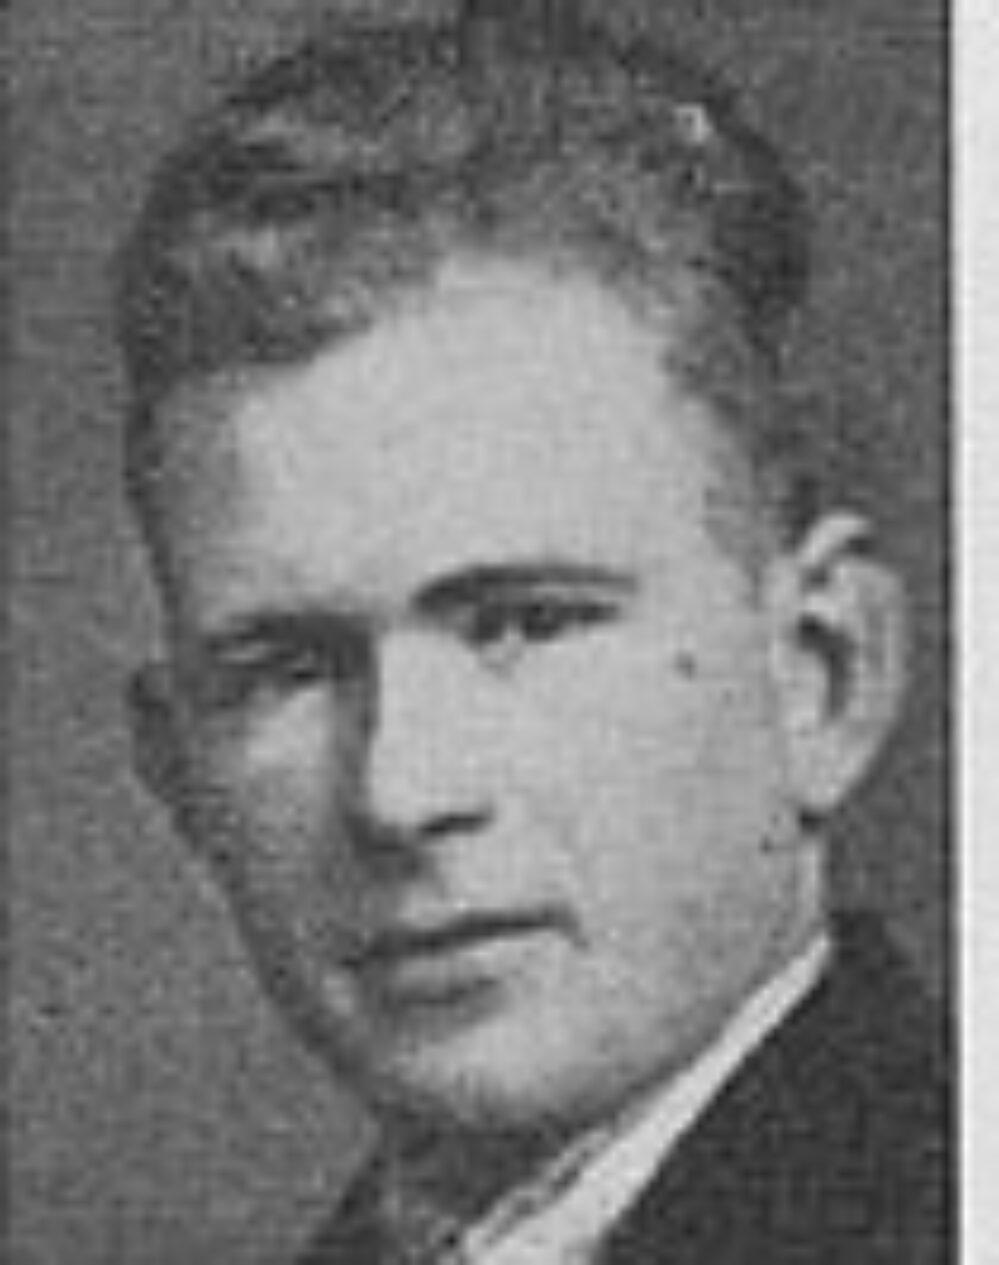 Karl Eidesund